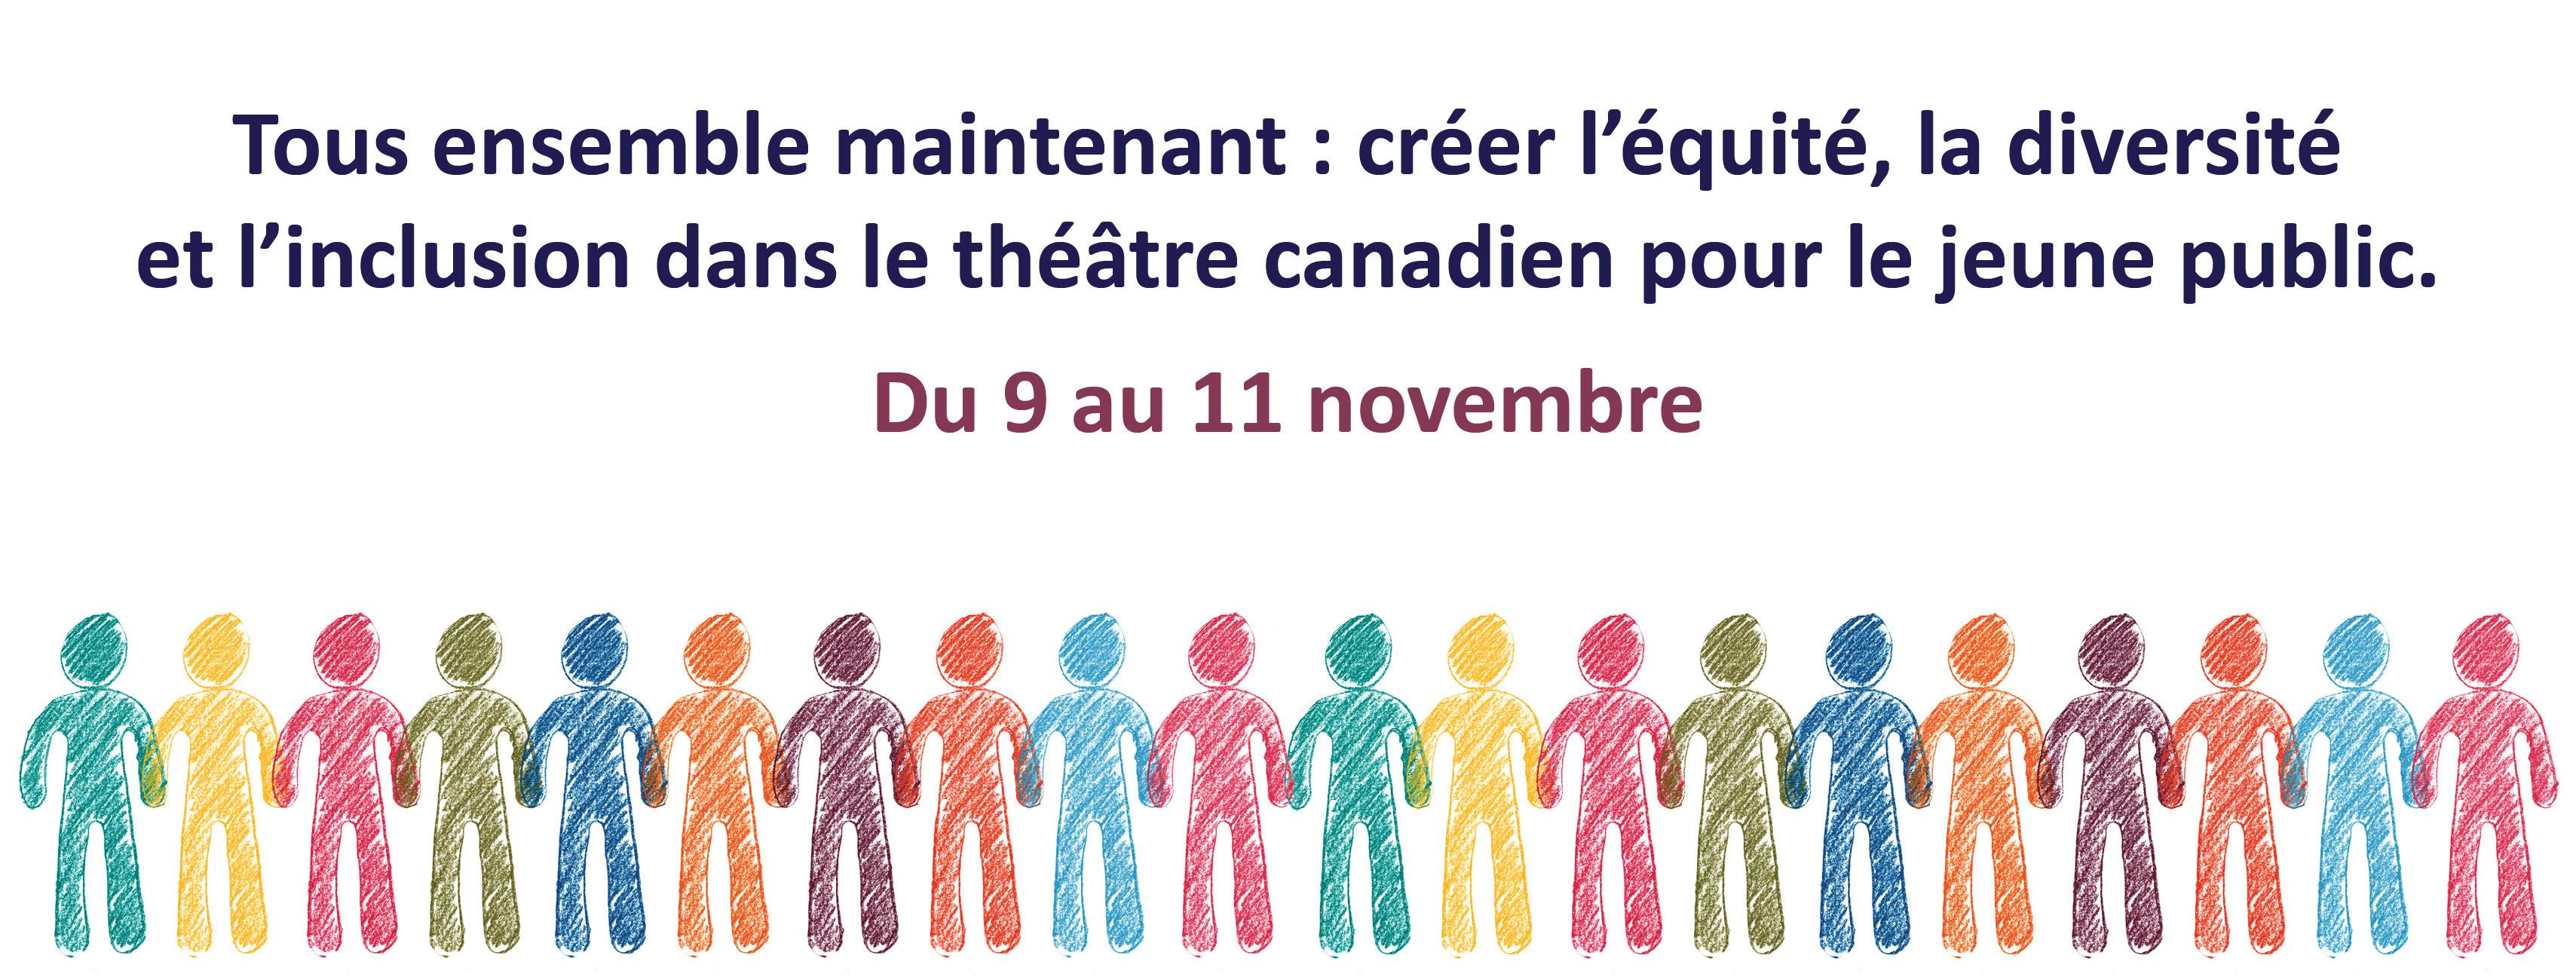 Tous ensemble maintenant : créer l'équité, la diversité et l'inclusion dans le théâtre canadien pour le jeune public. Du 9 au 11 novembre